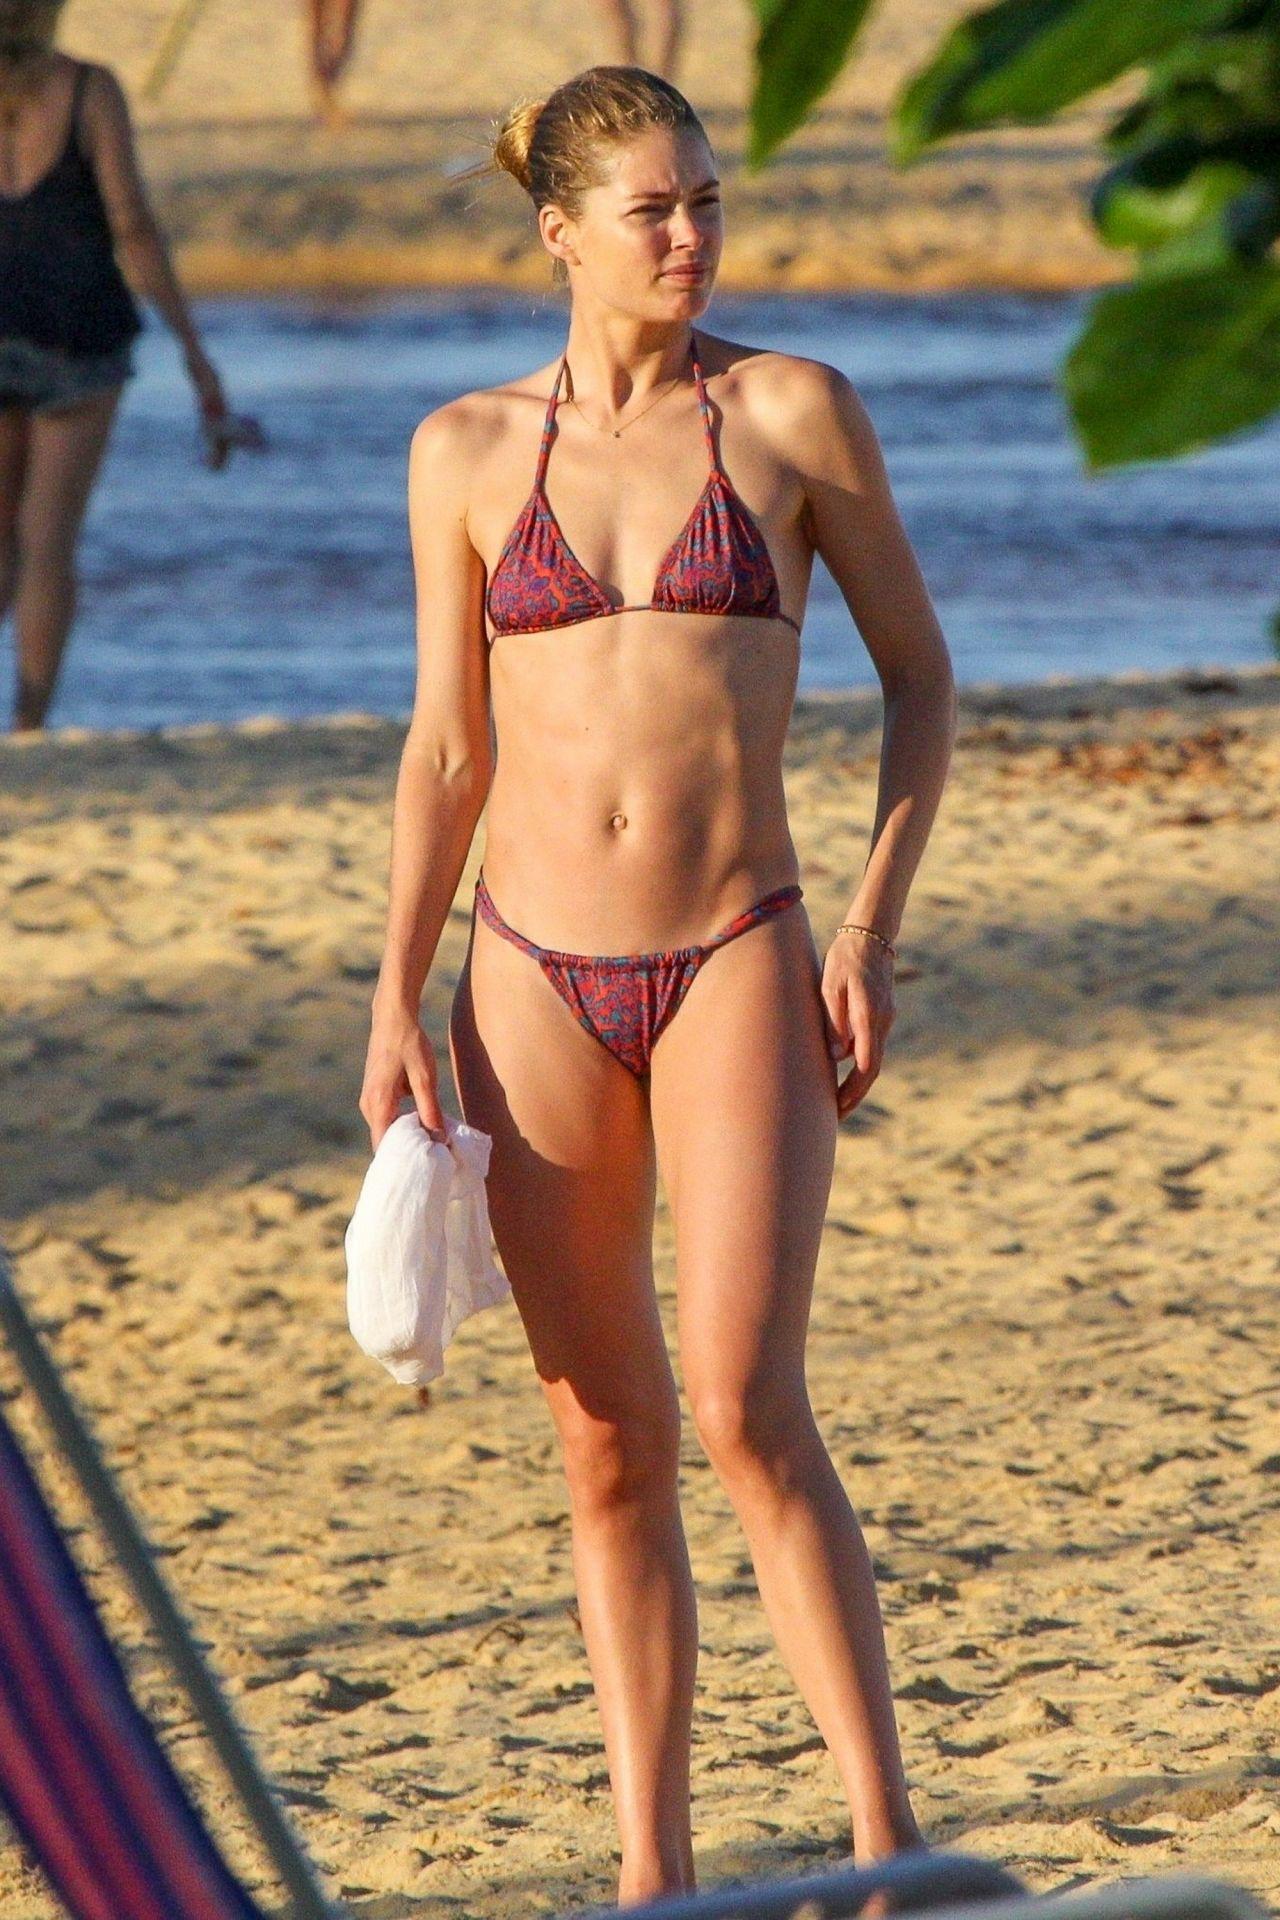 Doutzen Kroes in Bikini on Bahia beach in Brazil Pic 10 of 35